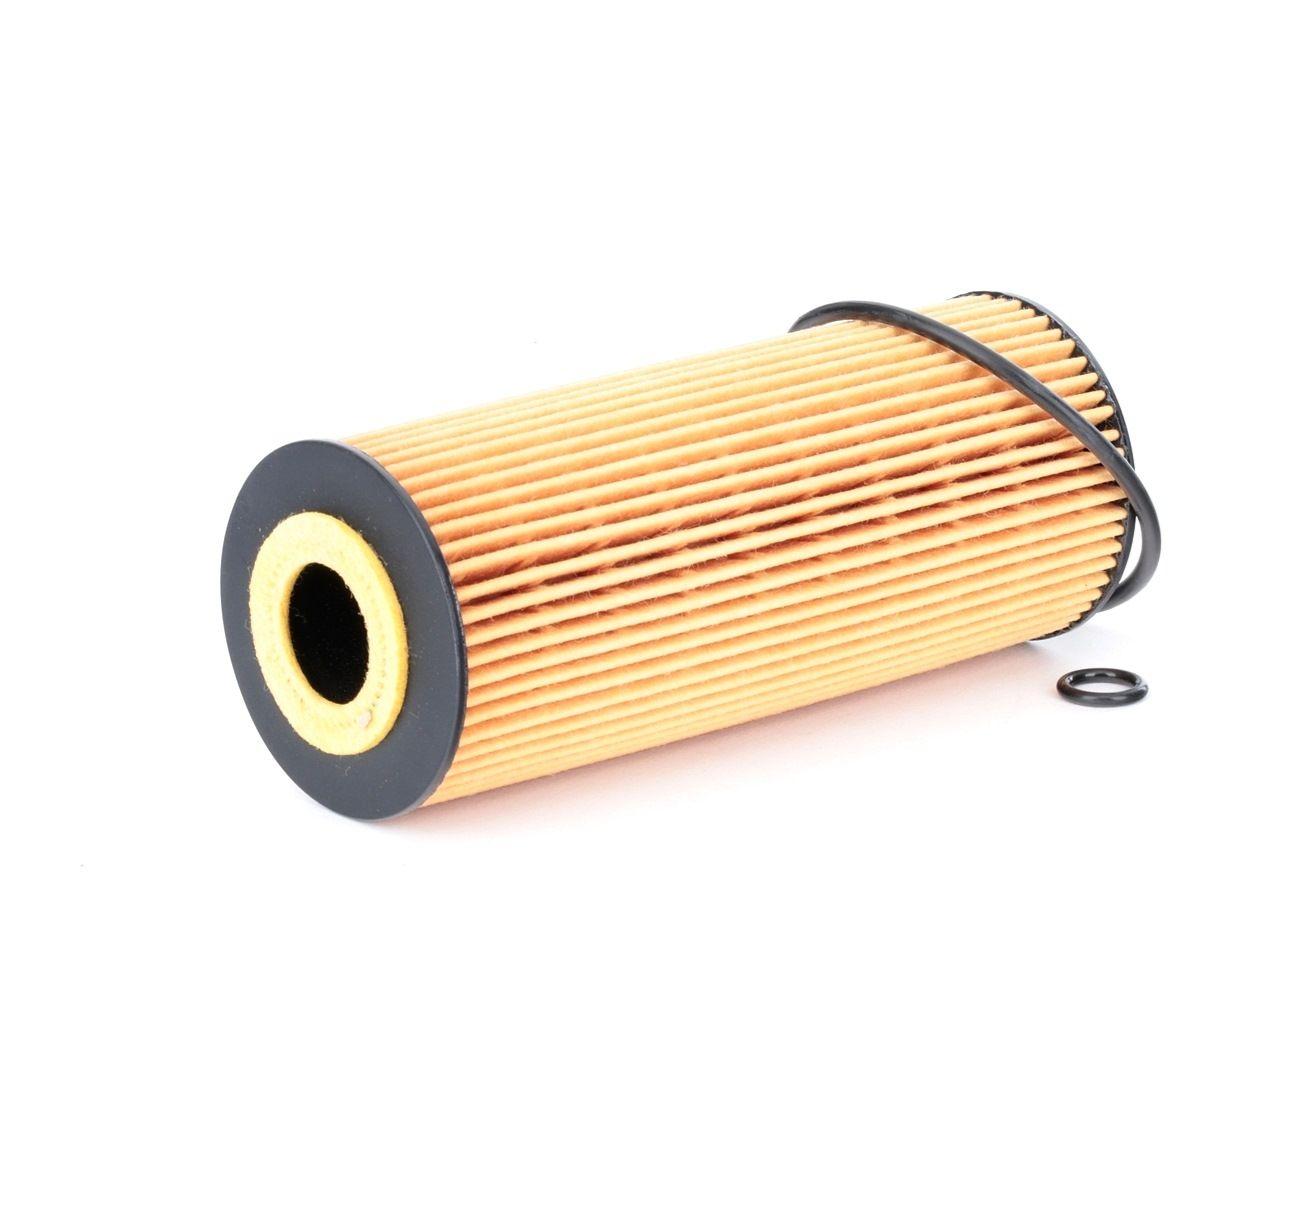 Achat de 7O0007 RIDEX Cartouche filtrante Diamètre intérieur: 26,0mm, Ø: 65,0mm, Hauteur: 153,0mm Filtre à huile 7O0007 pas chères